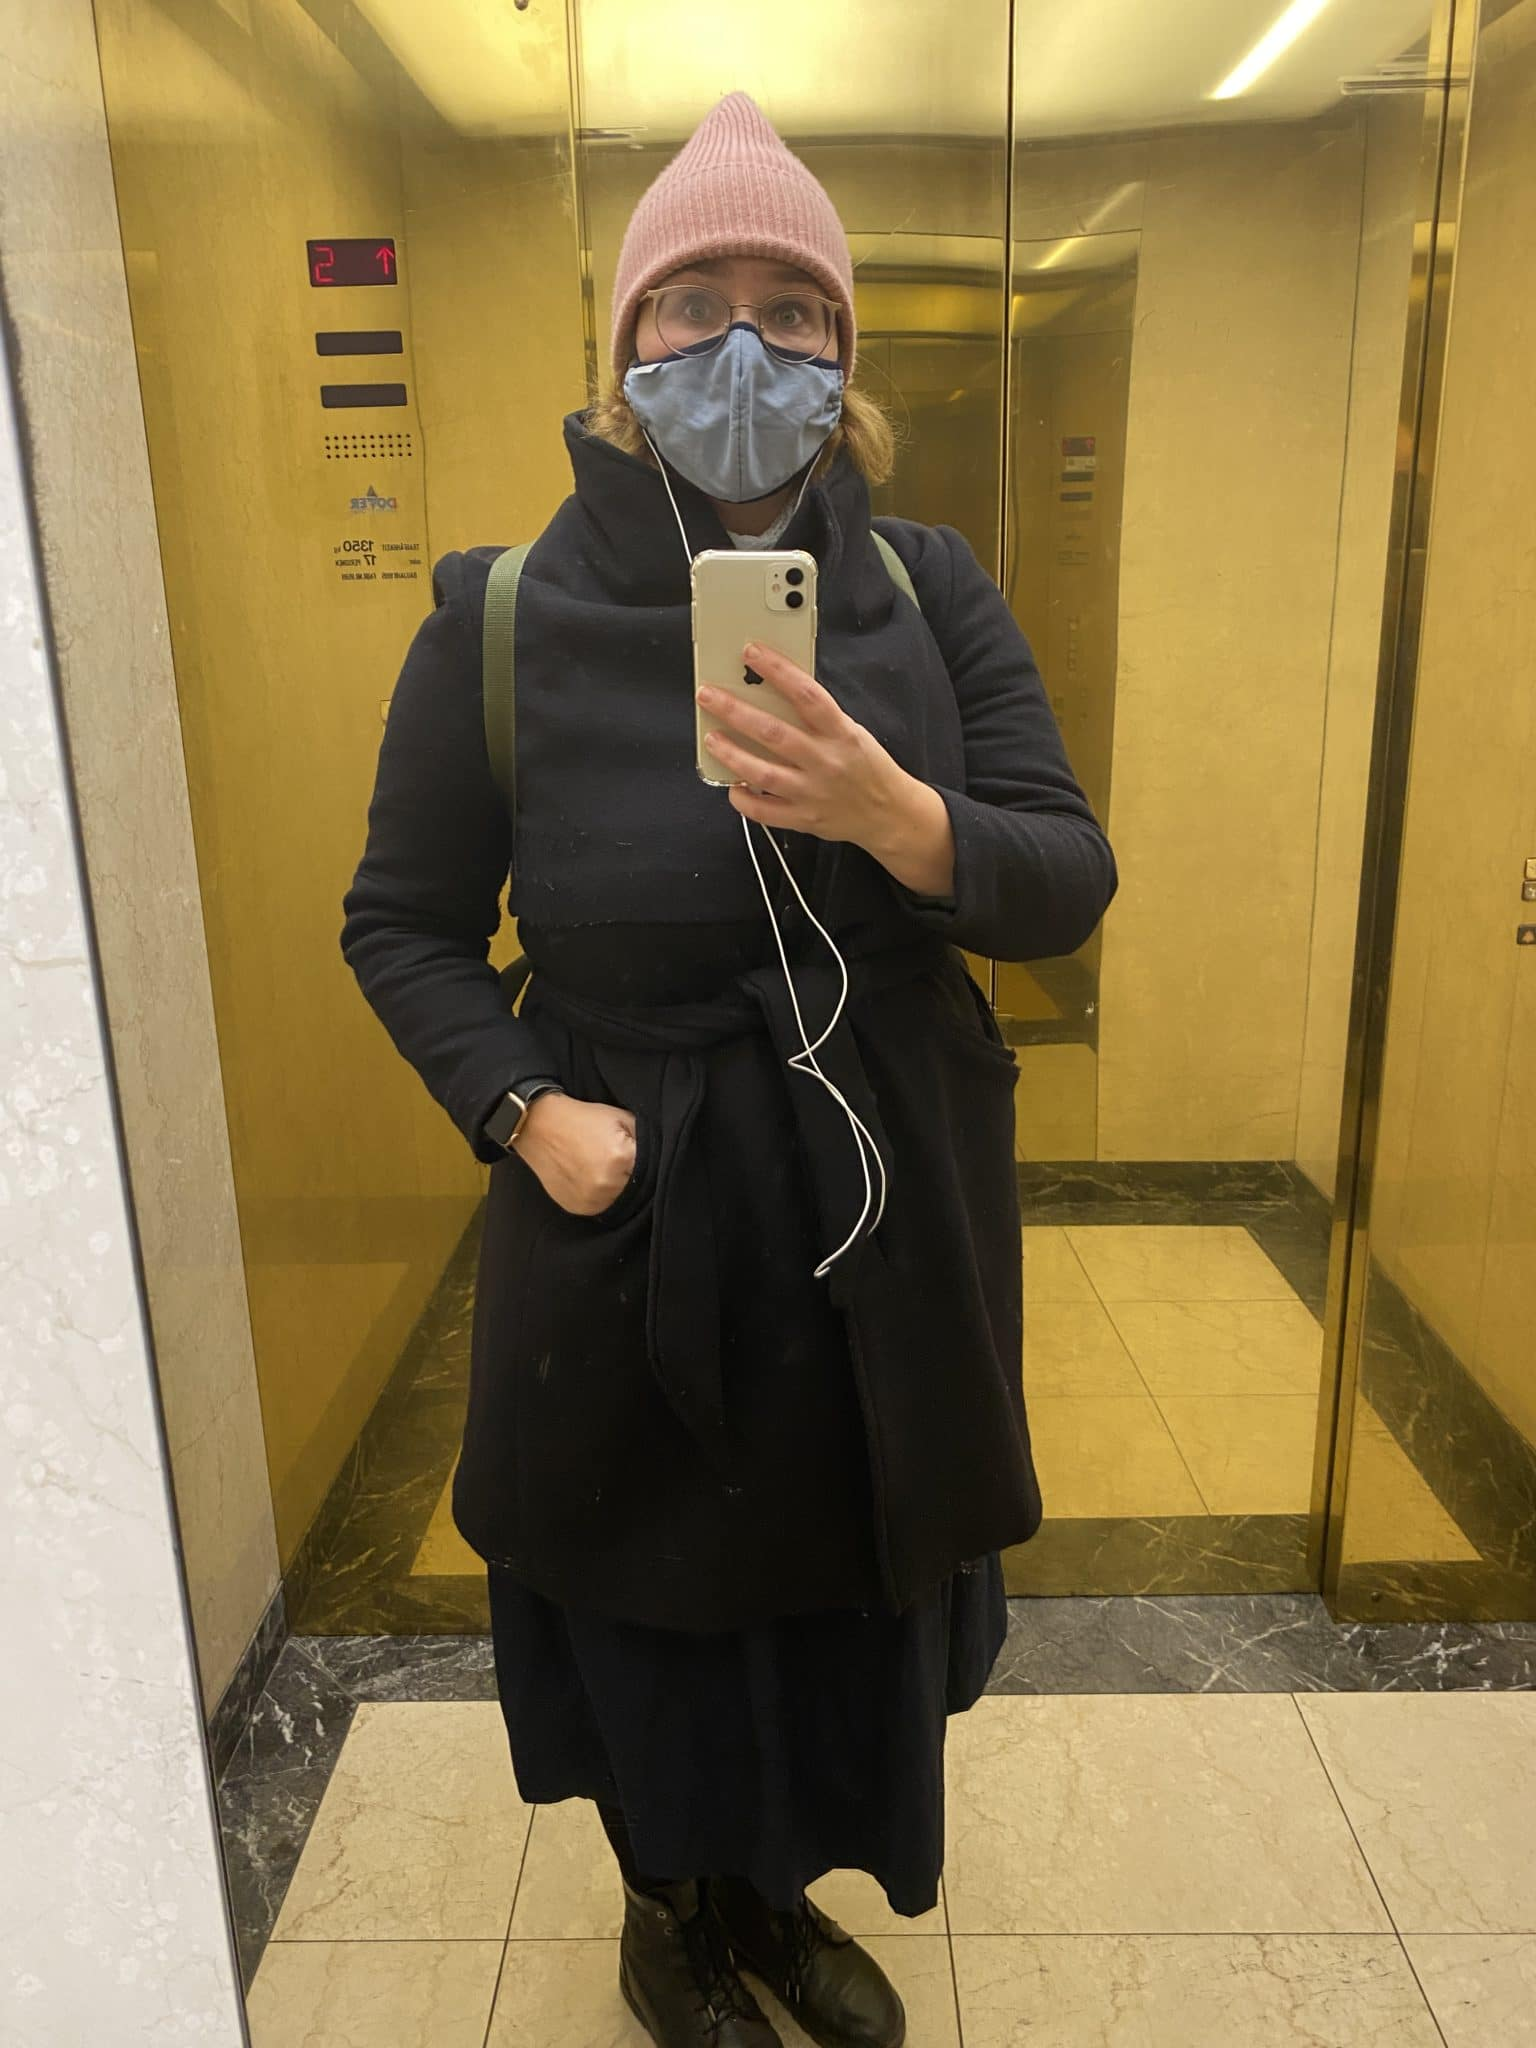 #5 Mein Arzttermin ist mal wieder mit dem schicksten Fahrtstuhl Berlins erreichbar.